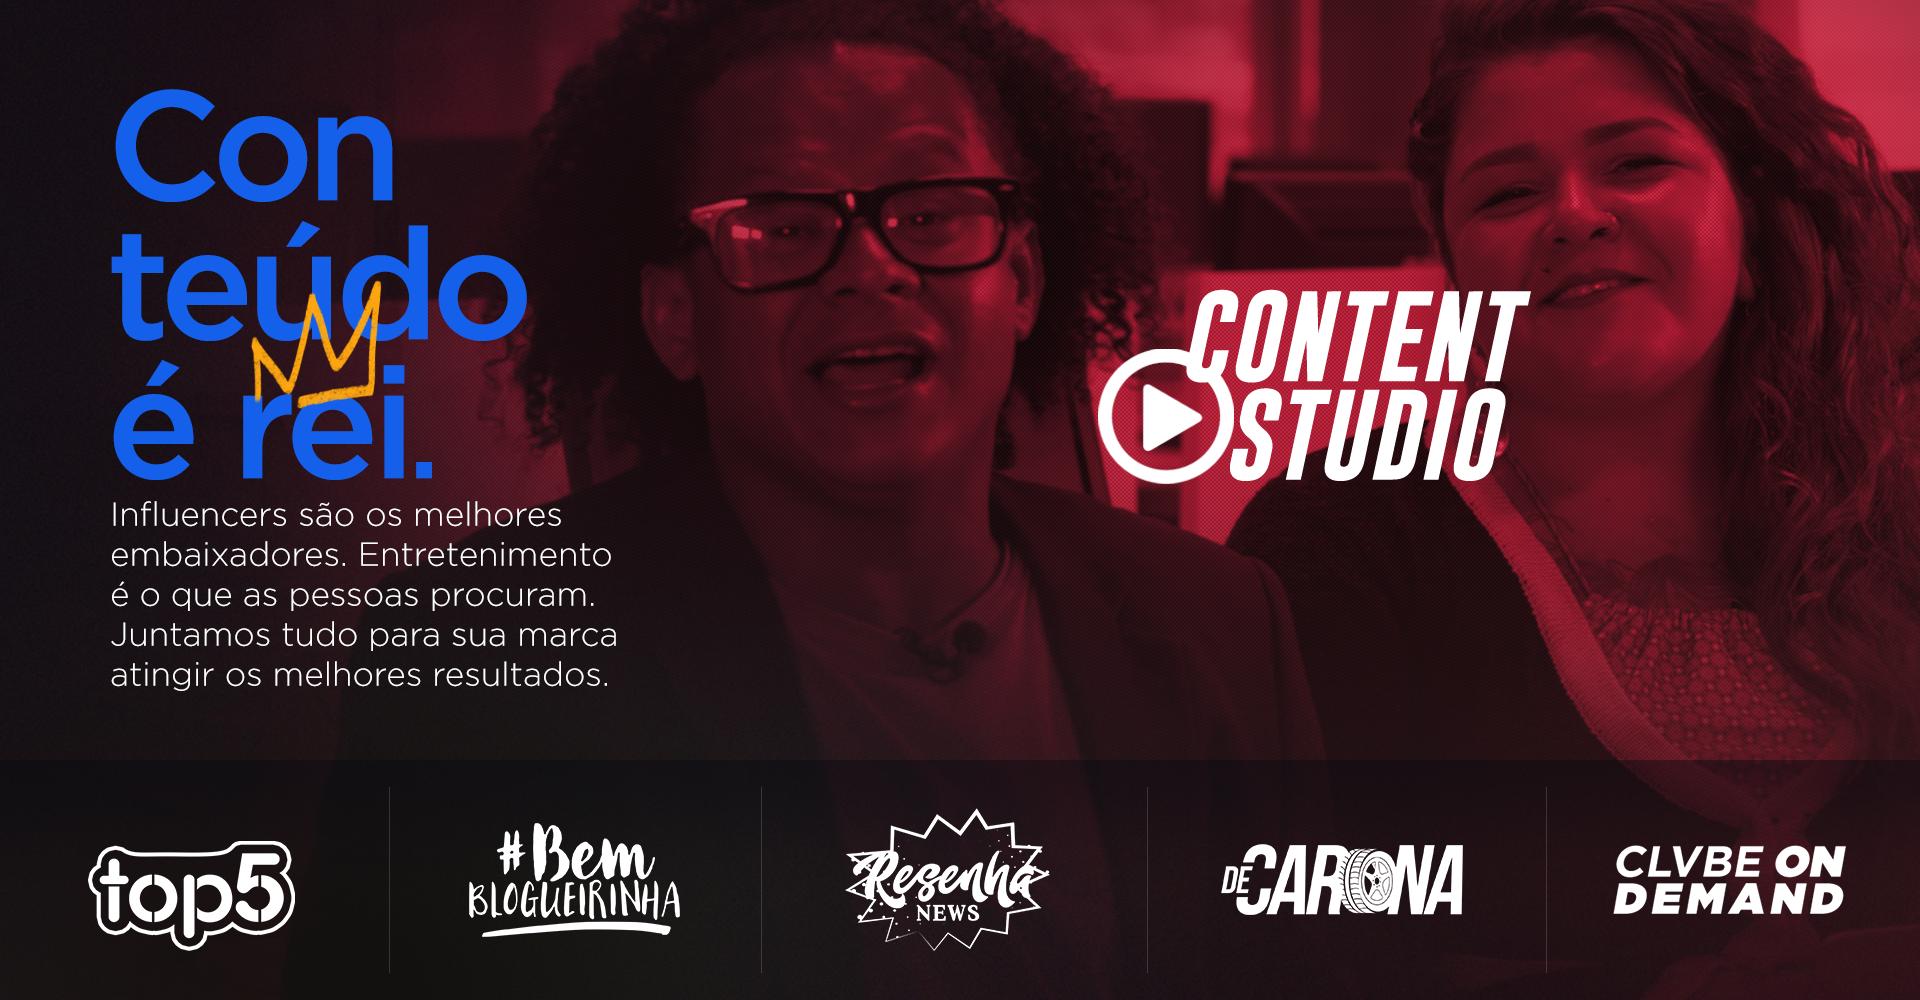 content studio_bg 01P.png